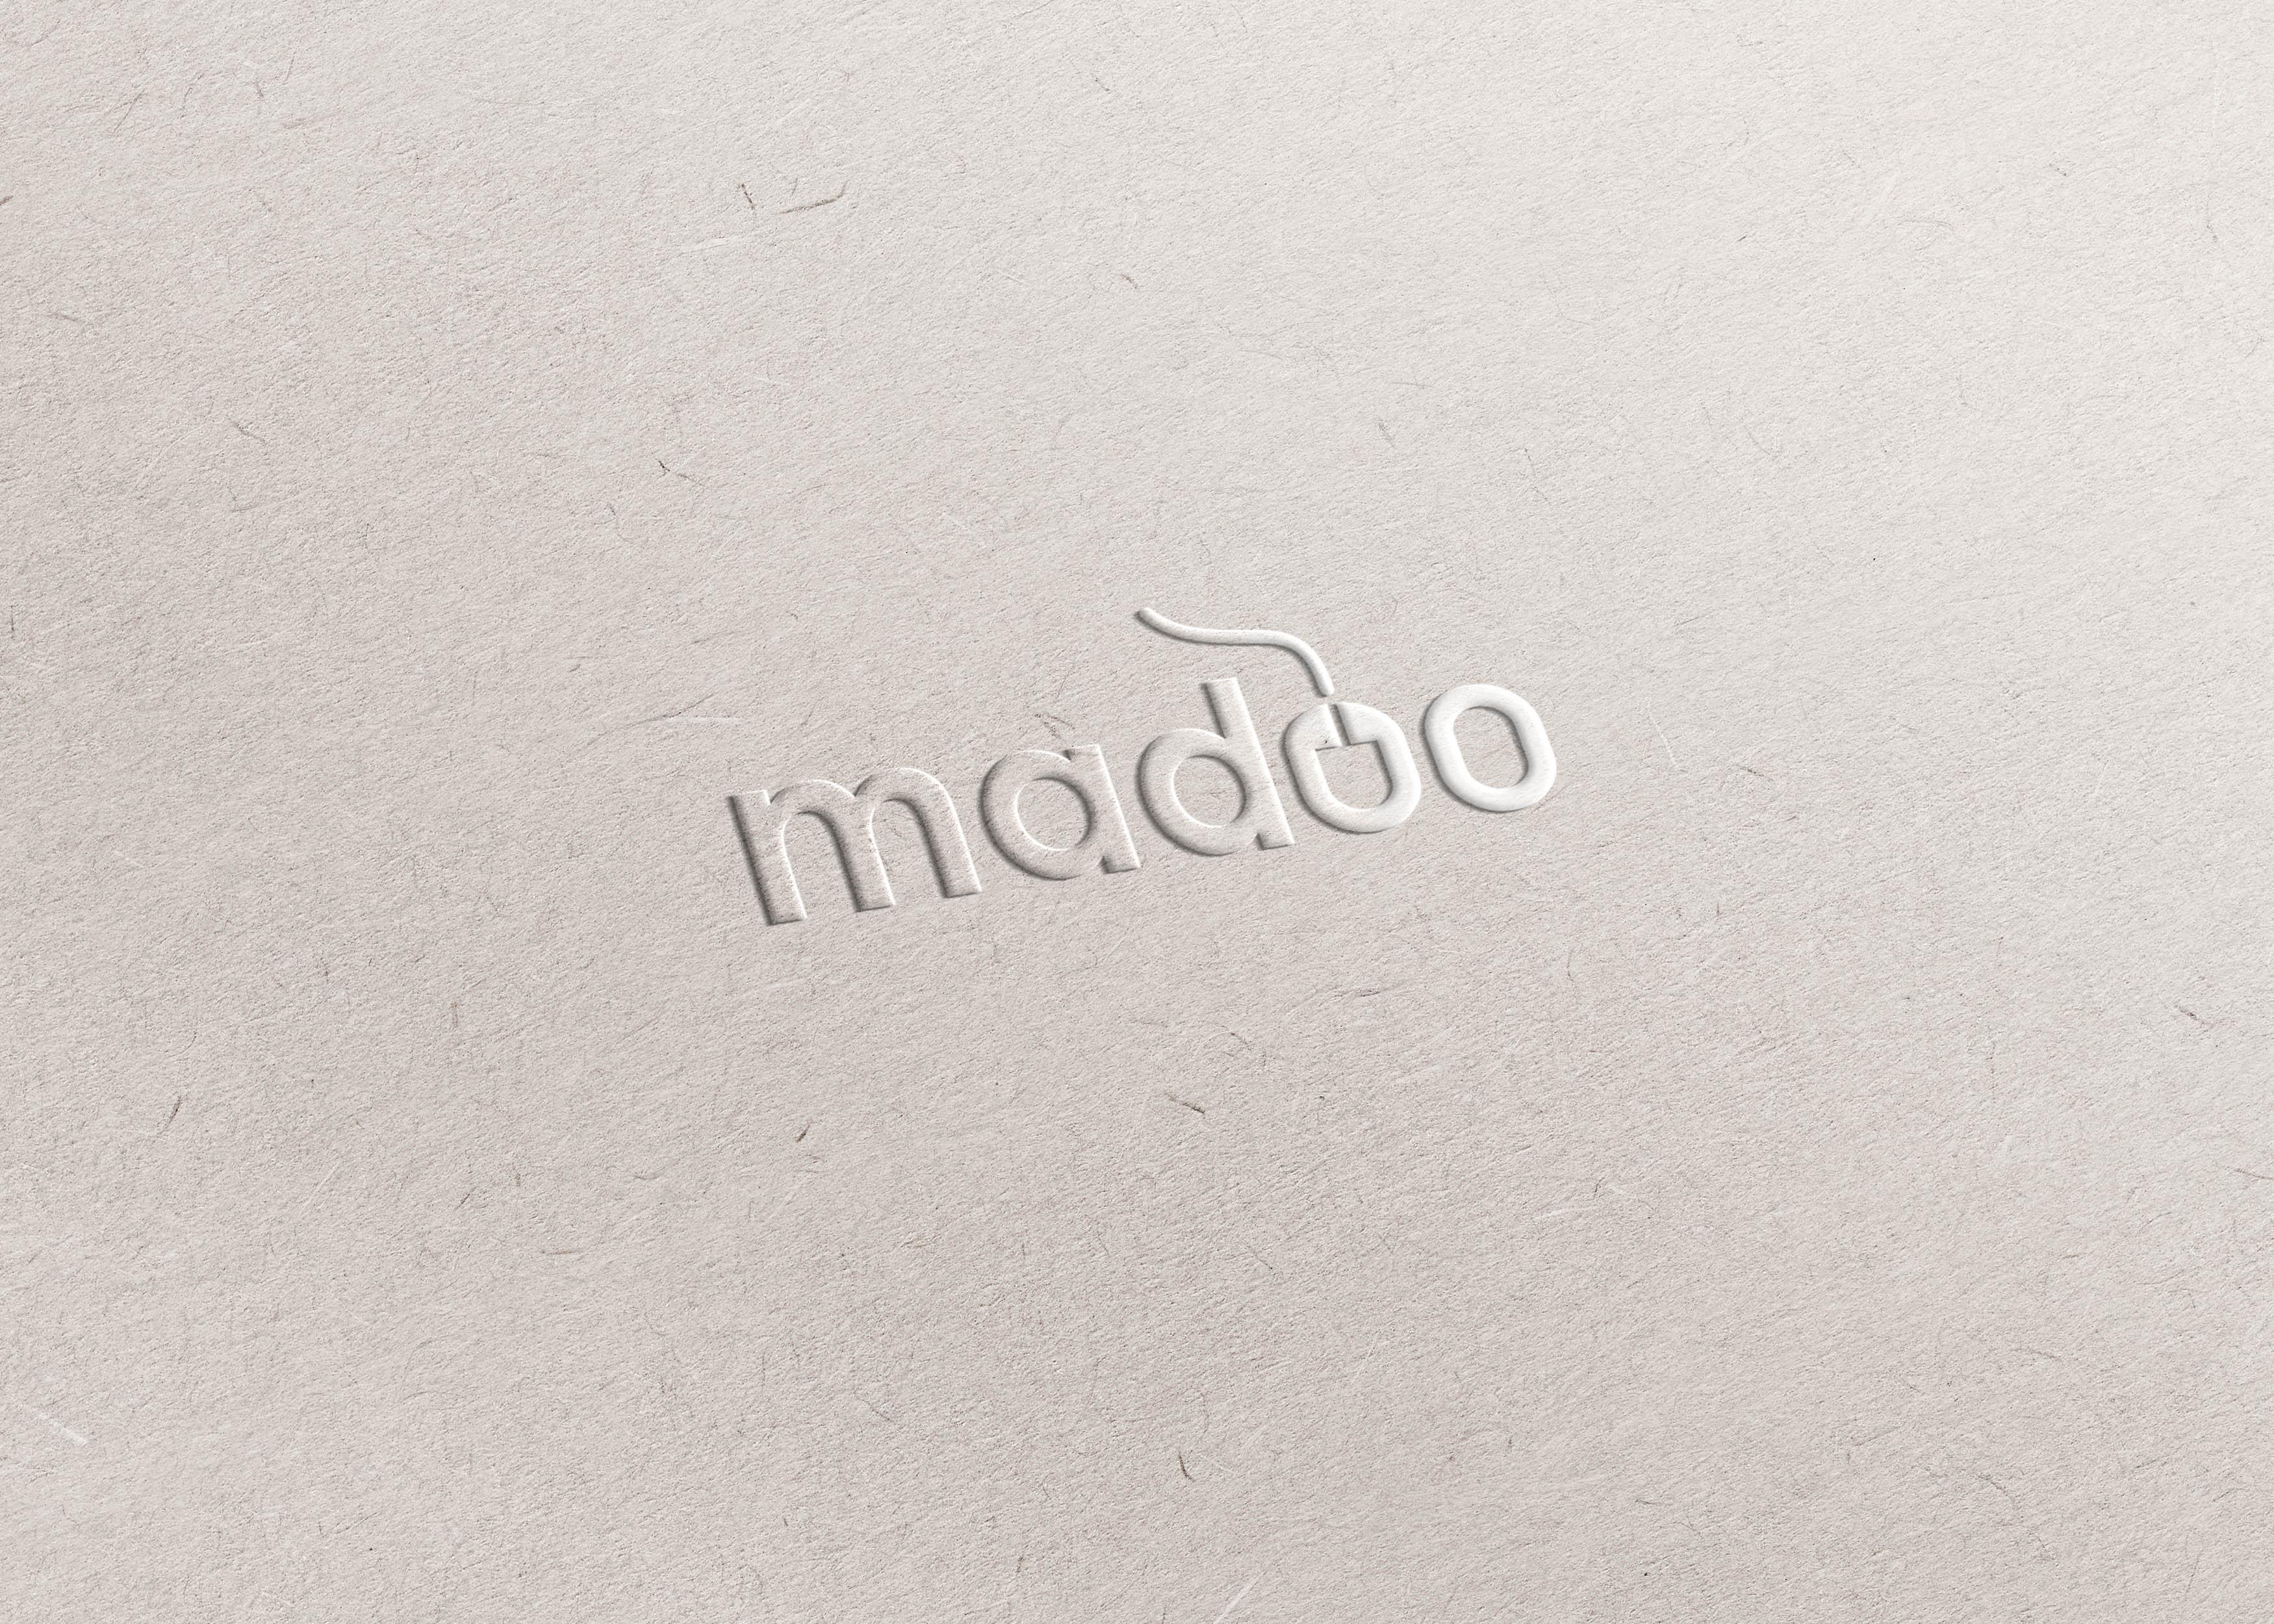 Madoo